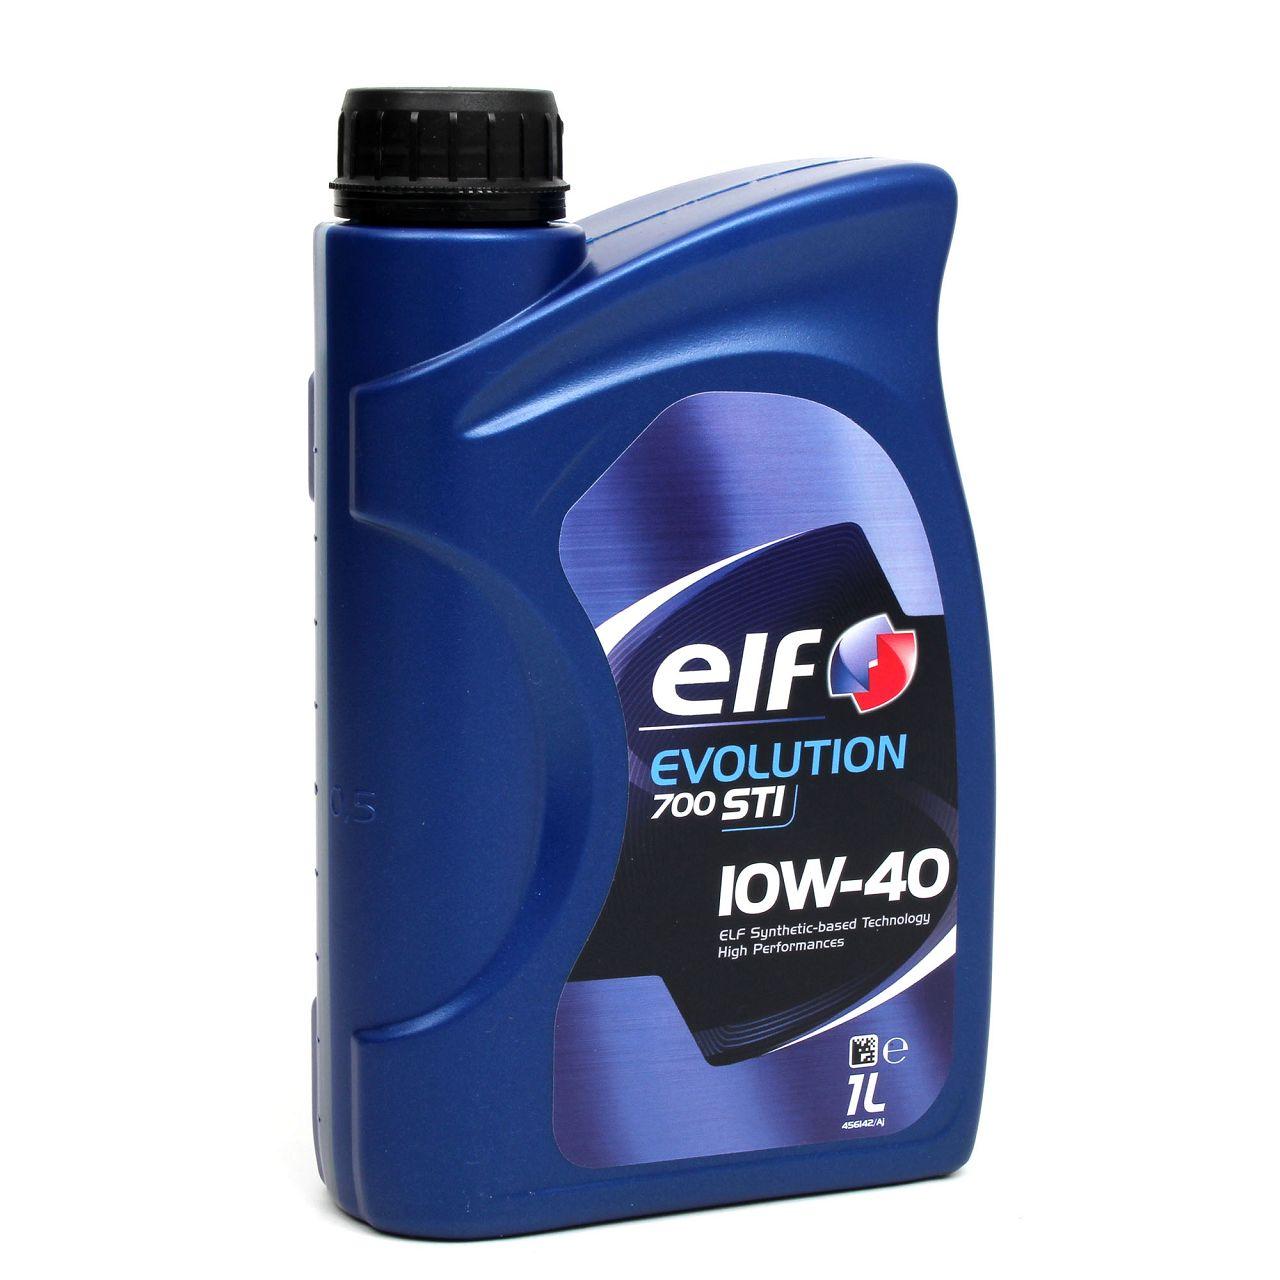 elf Evolution 700 STI 10W-40 Motoröl für VW 501.01/505.00 MB 229.1 - 1 Liter